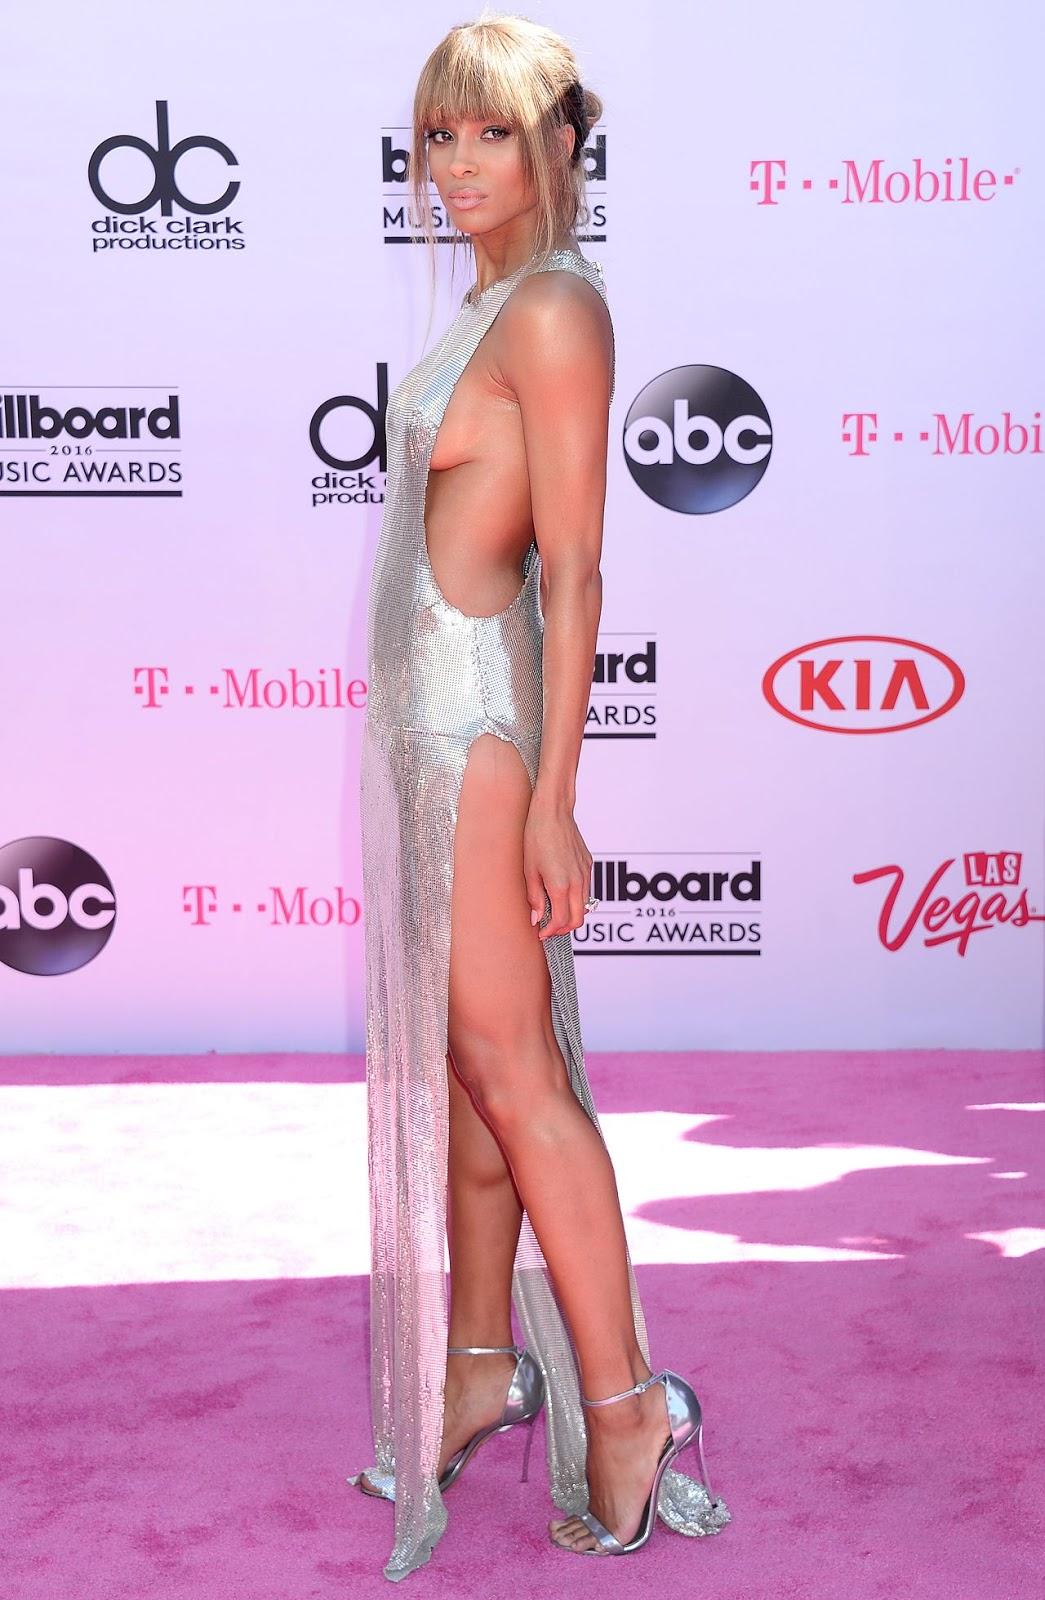 Ciara flaunts sideboob at the Billboard Music Awards 2016